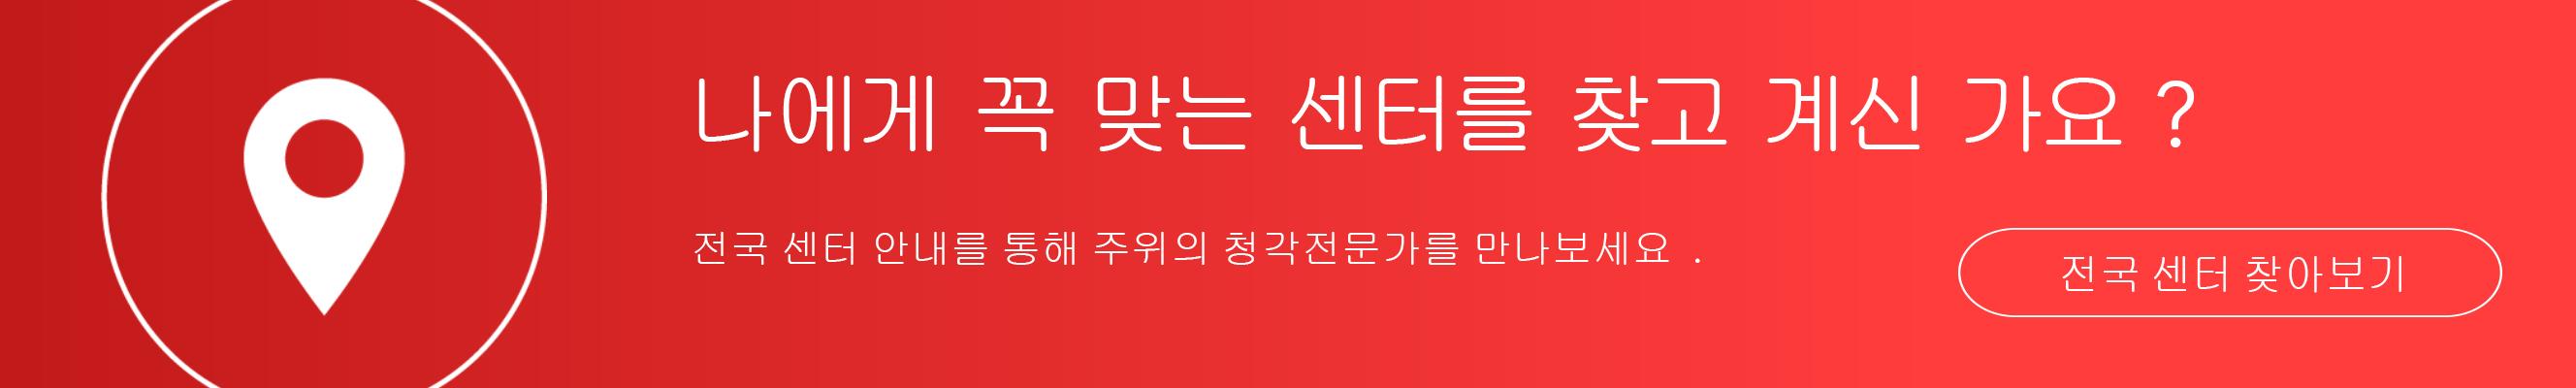 KR_StoreLocator_teaser_2656x400